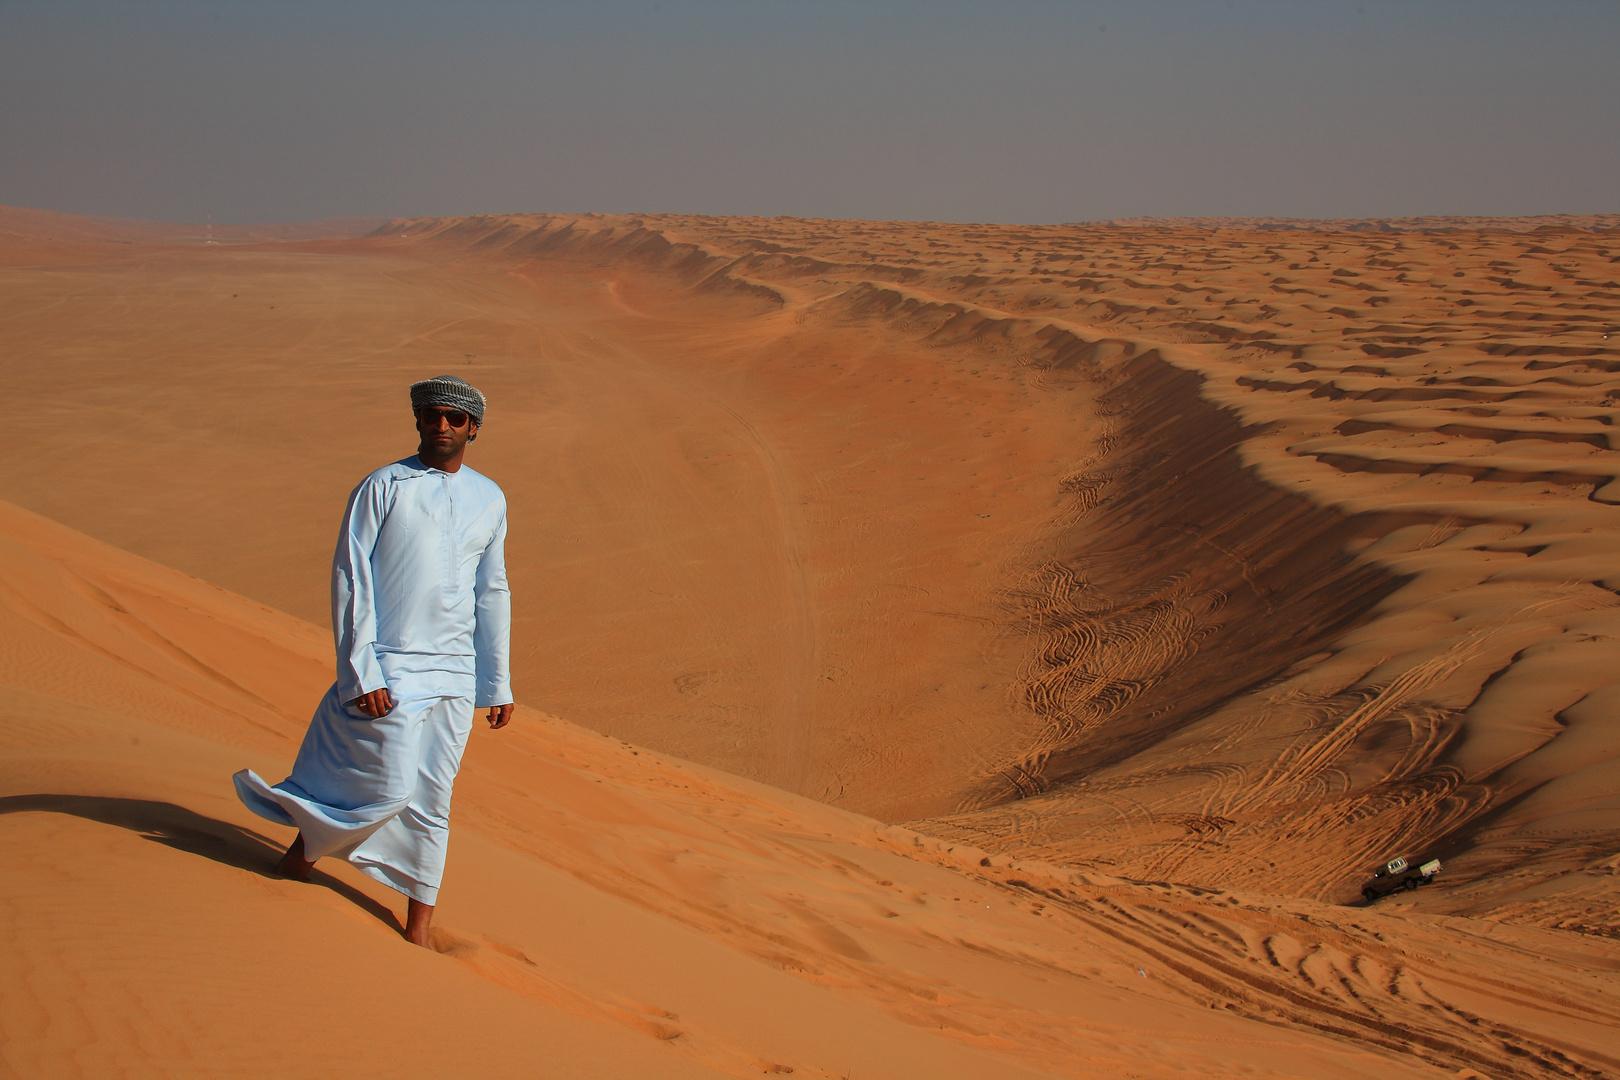 Wahiba Sands, Sultanat d'Oman: l'élégance dans la simplicité.